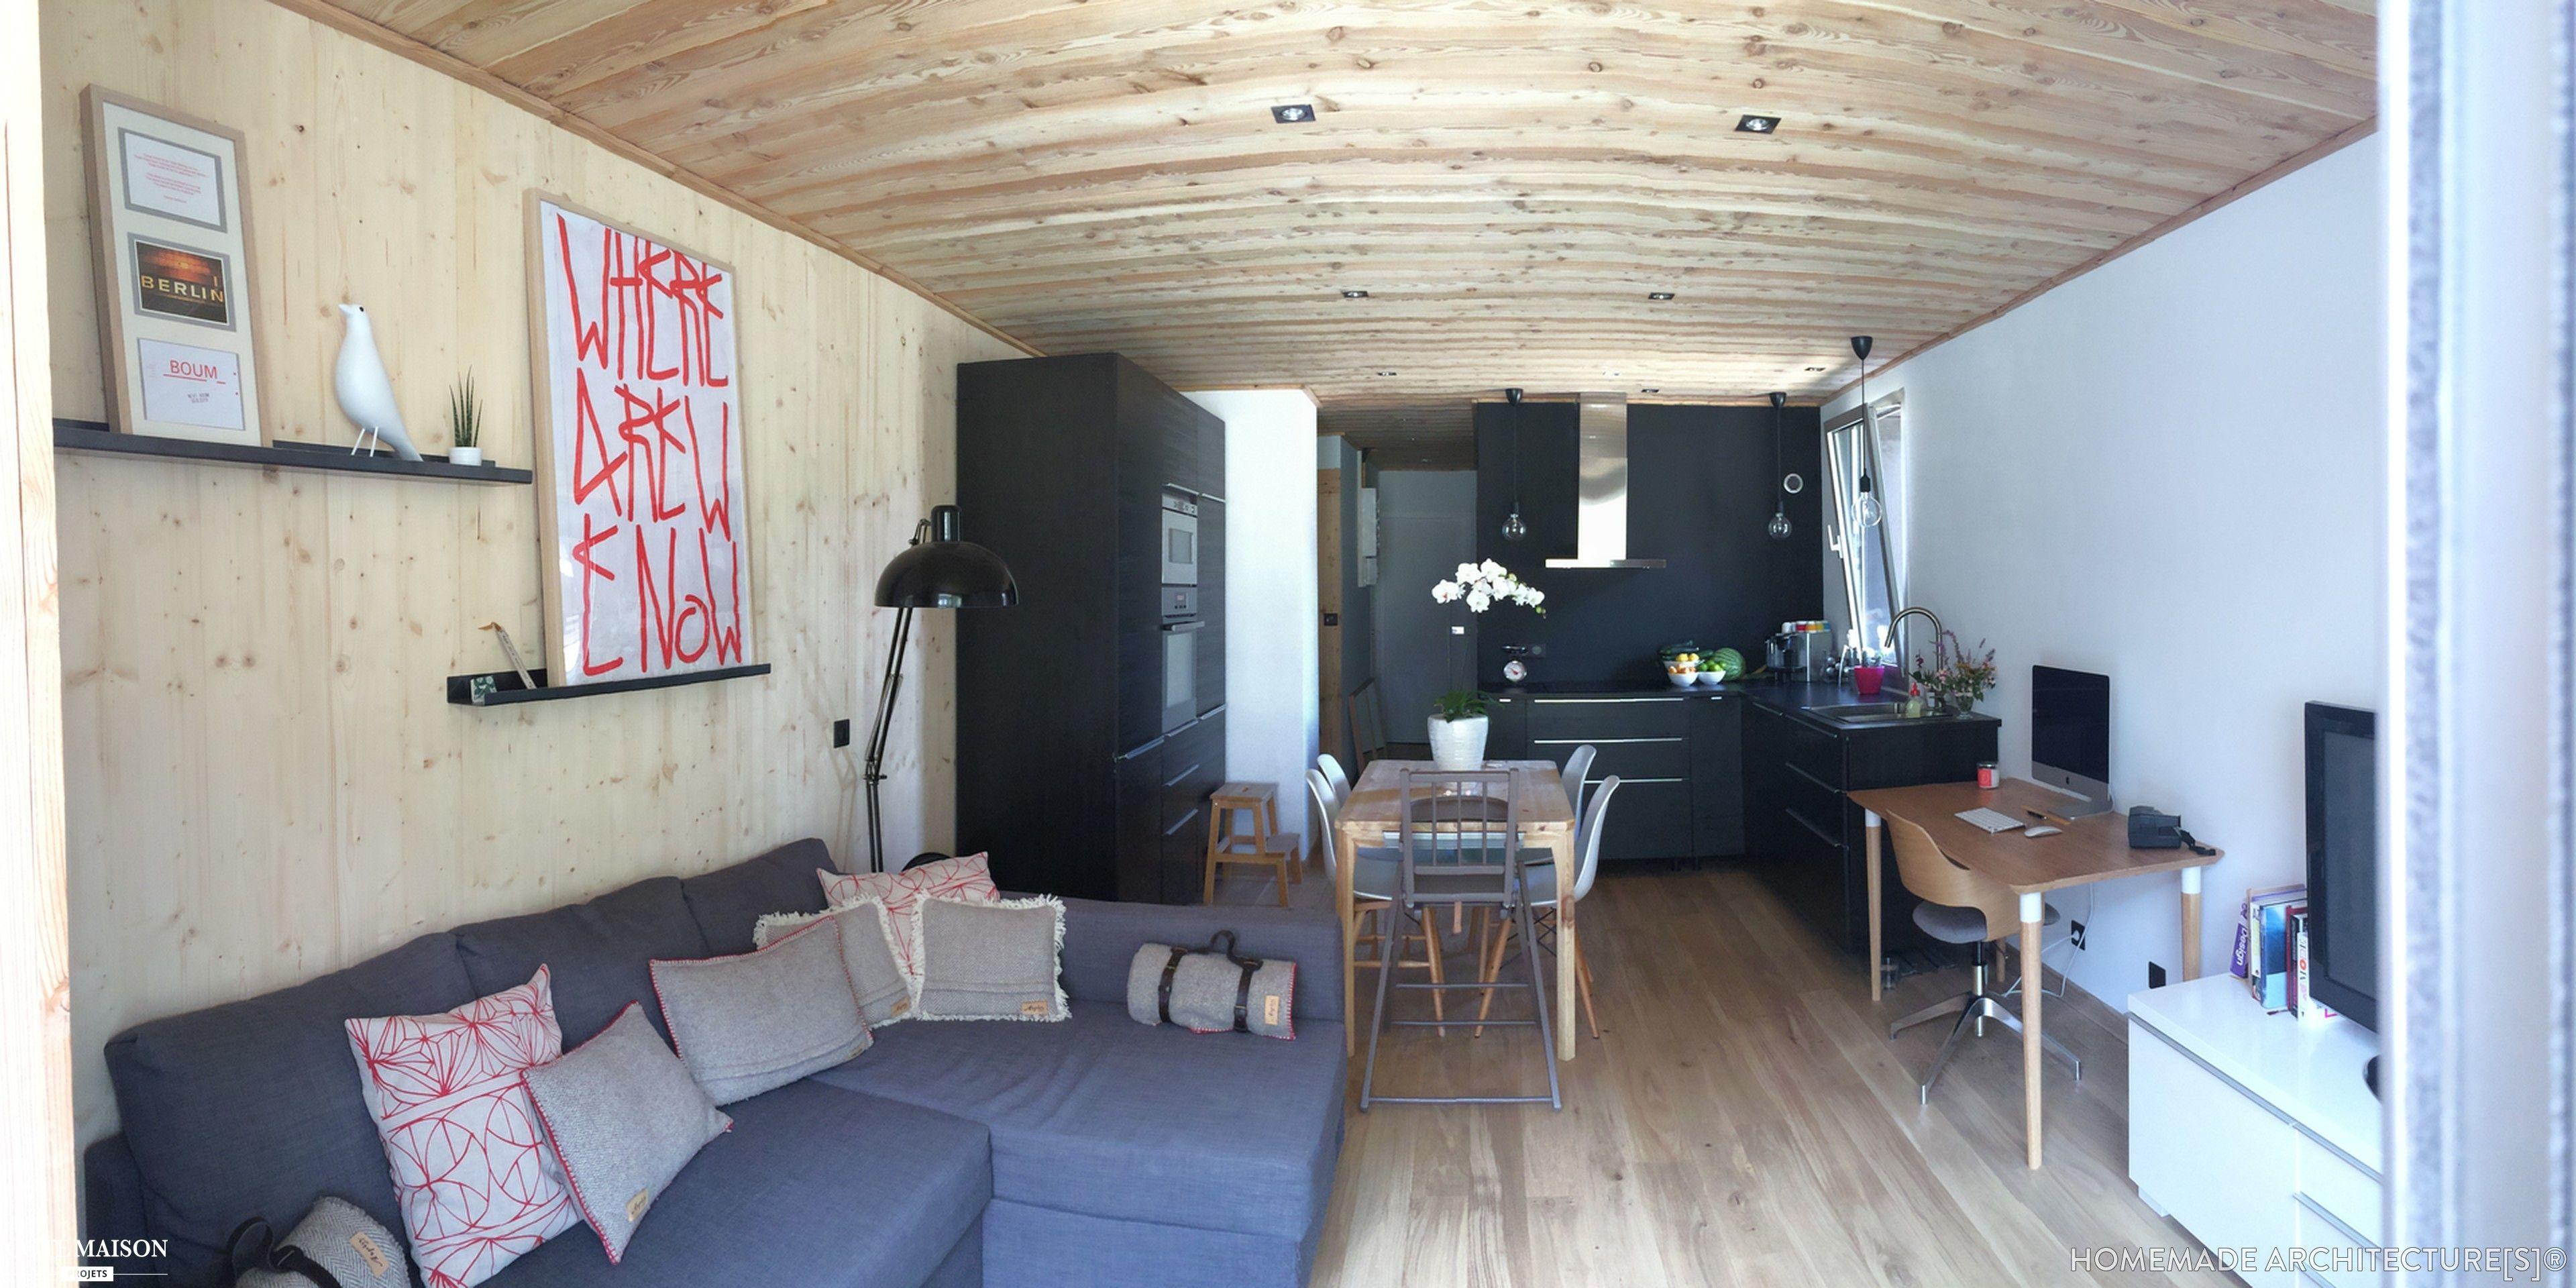 Rénovation Complète D Un Appartement En Station De Ski Rénovation Maison Interieur Maison Décoration Maison